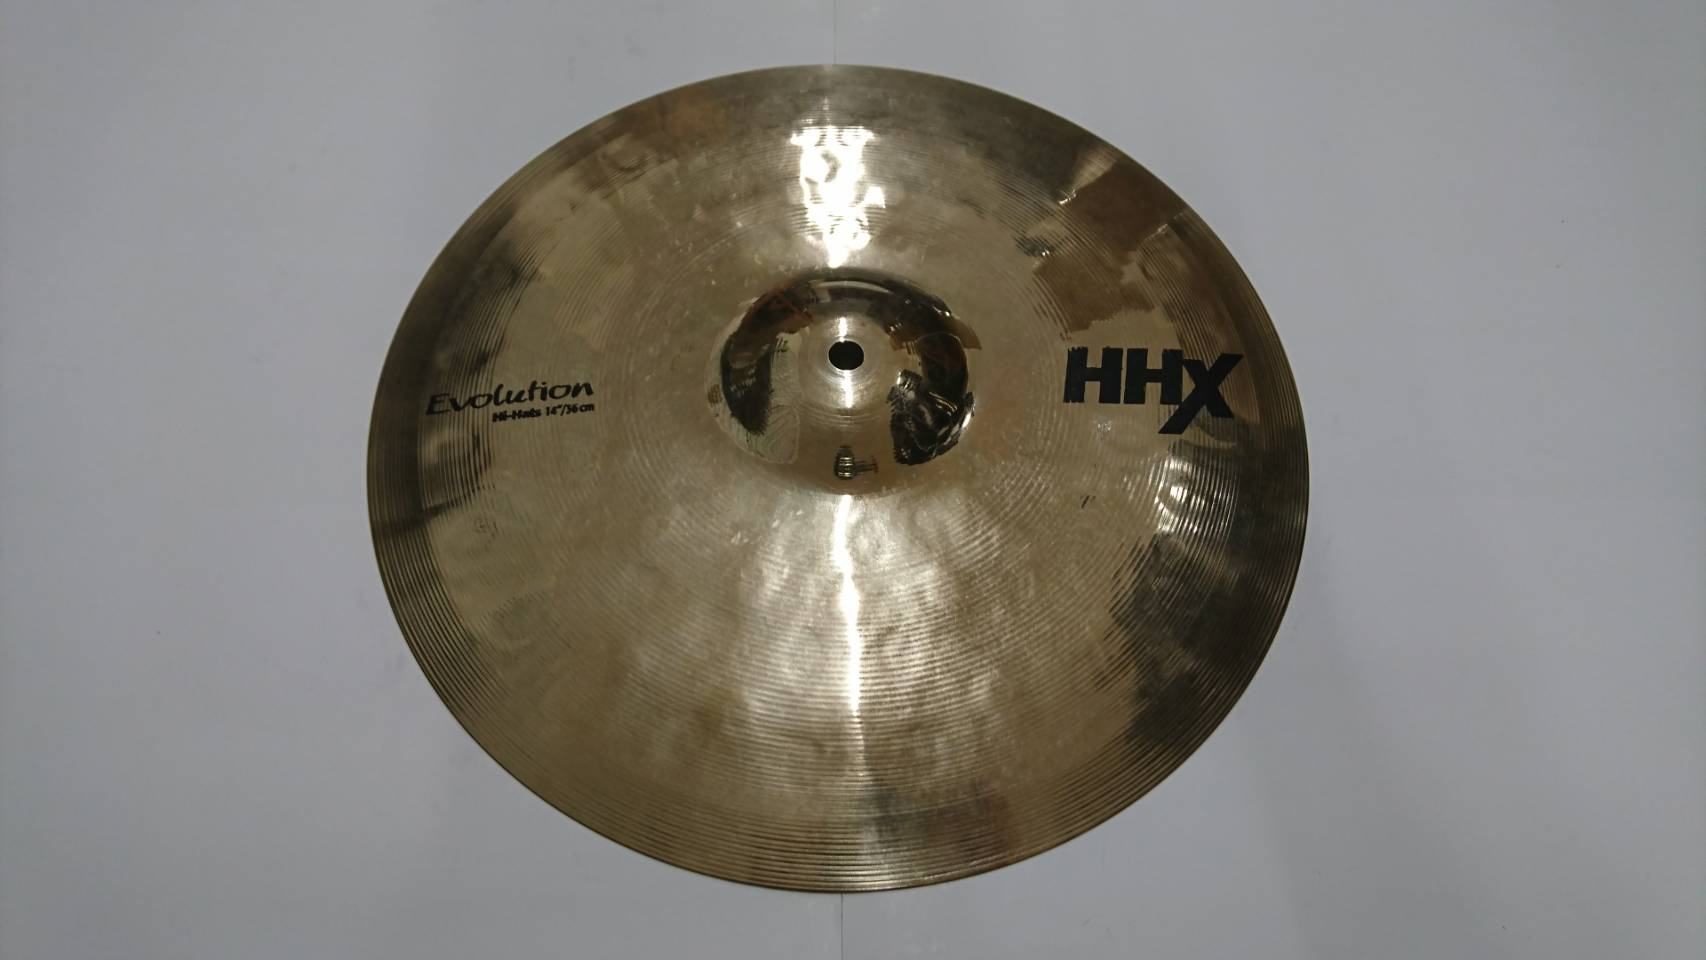 ハイハット・シンバル/HHX-14TEV,BEV